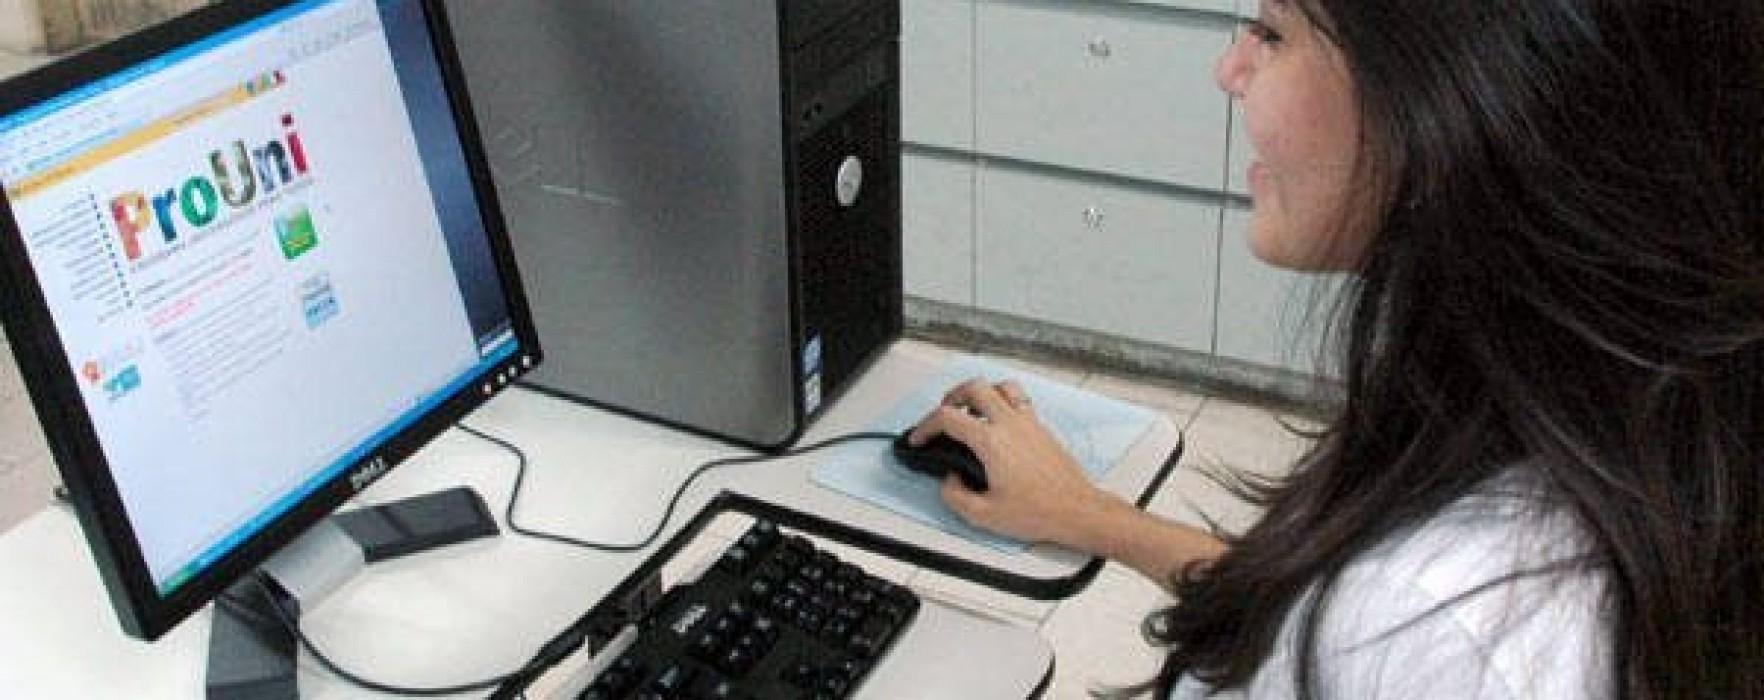 ProUni: Termina hoje (9/2) o prazo para matrículas dos selecionados em primeira chamada